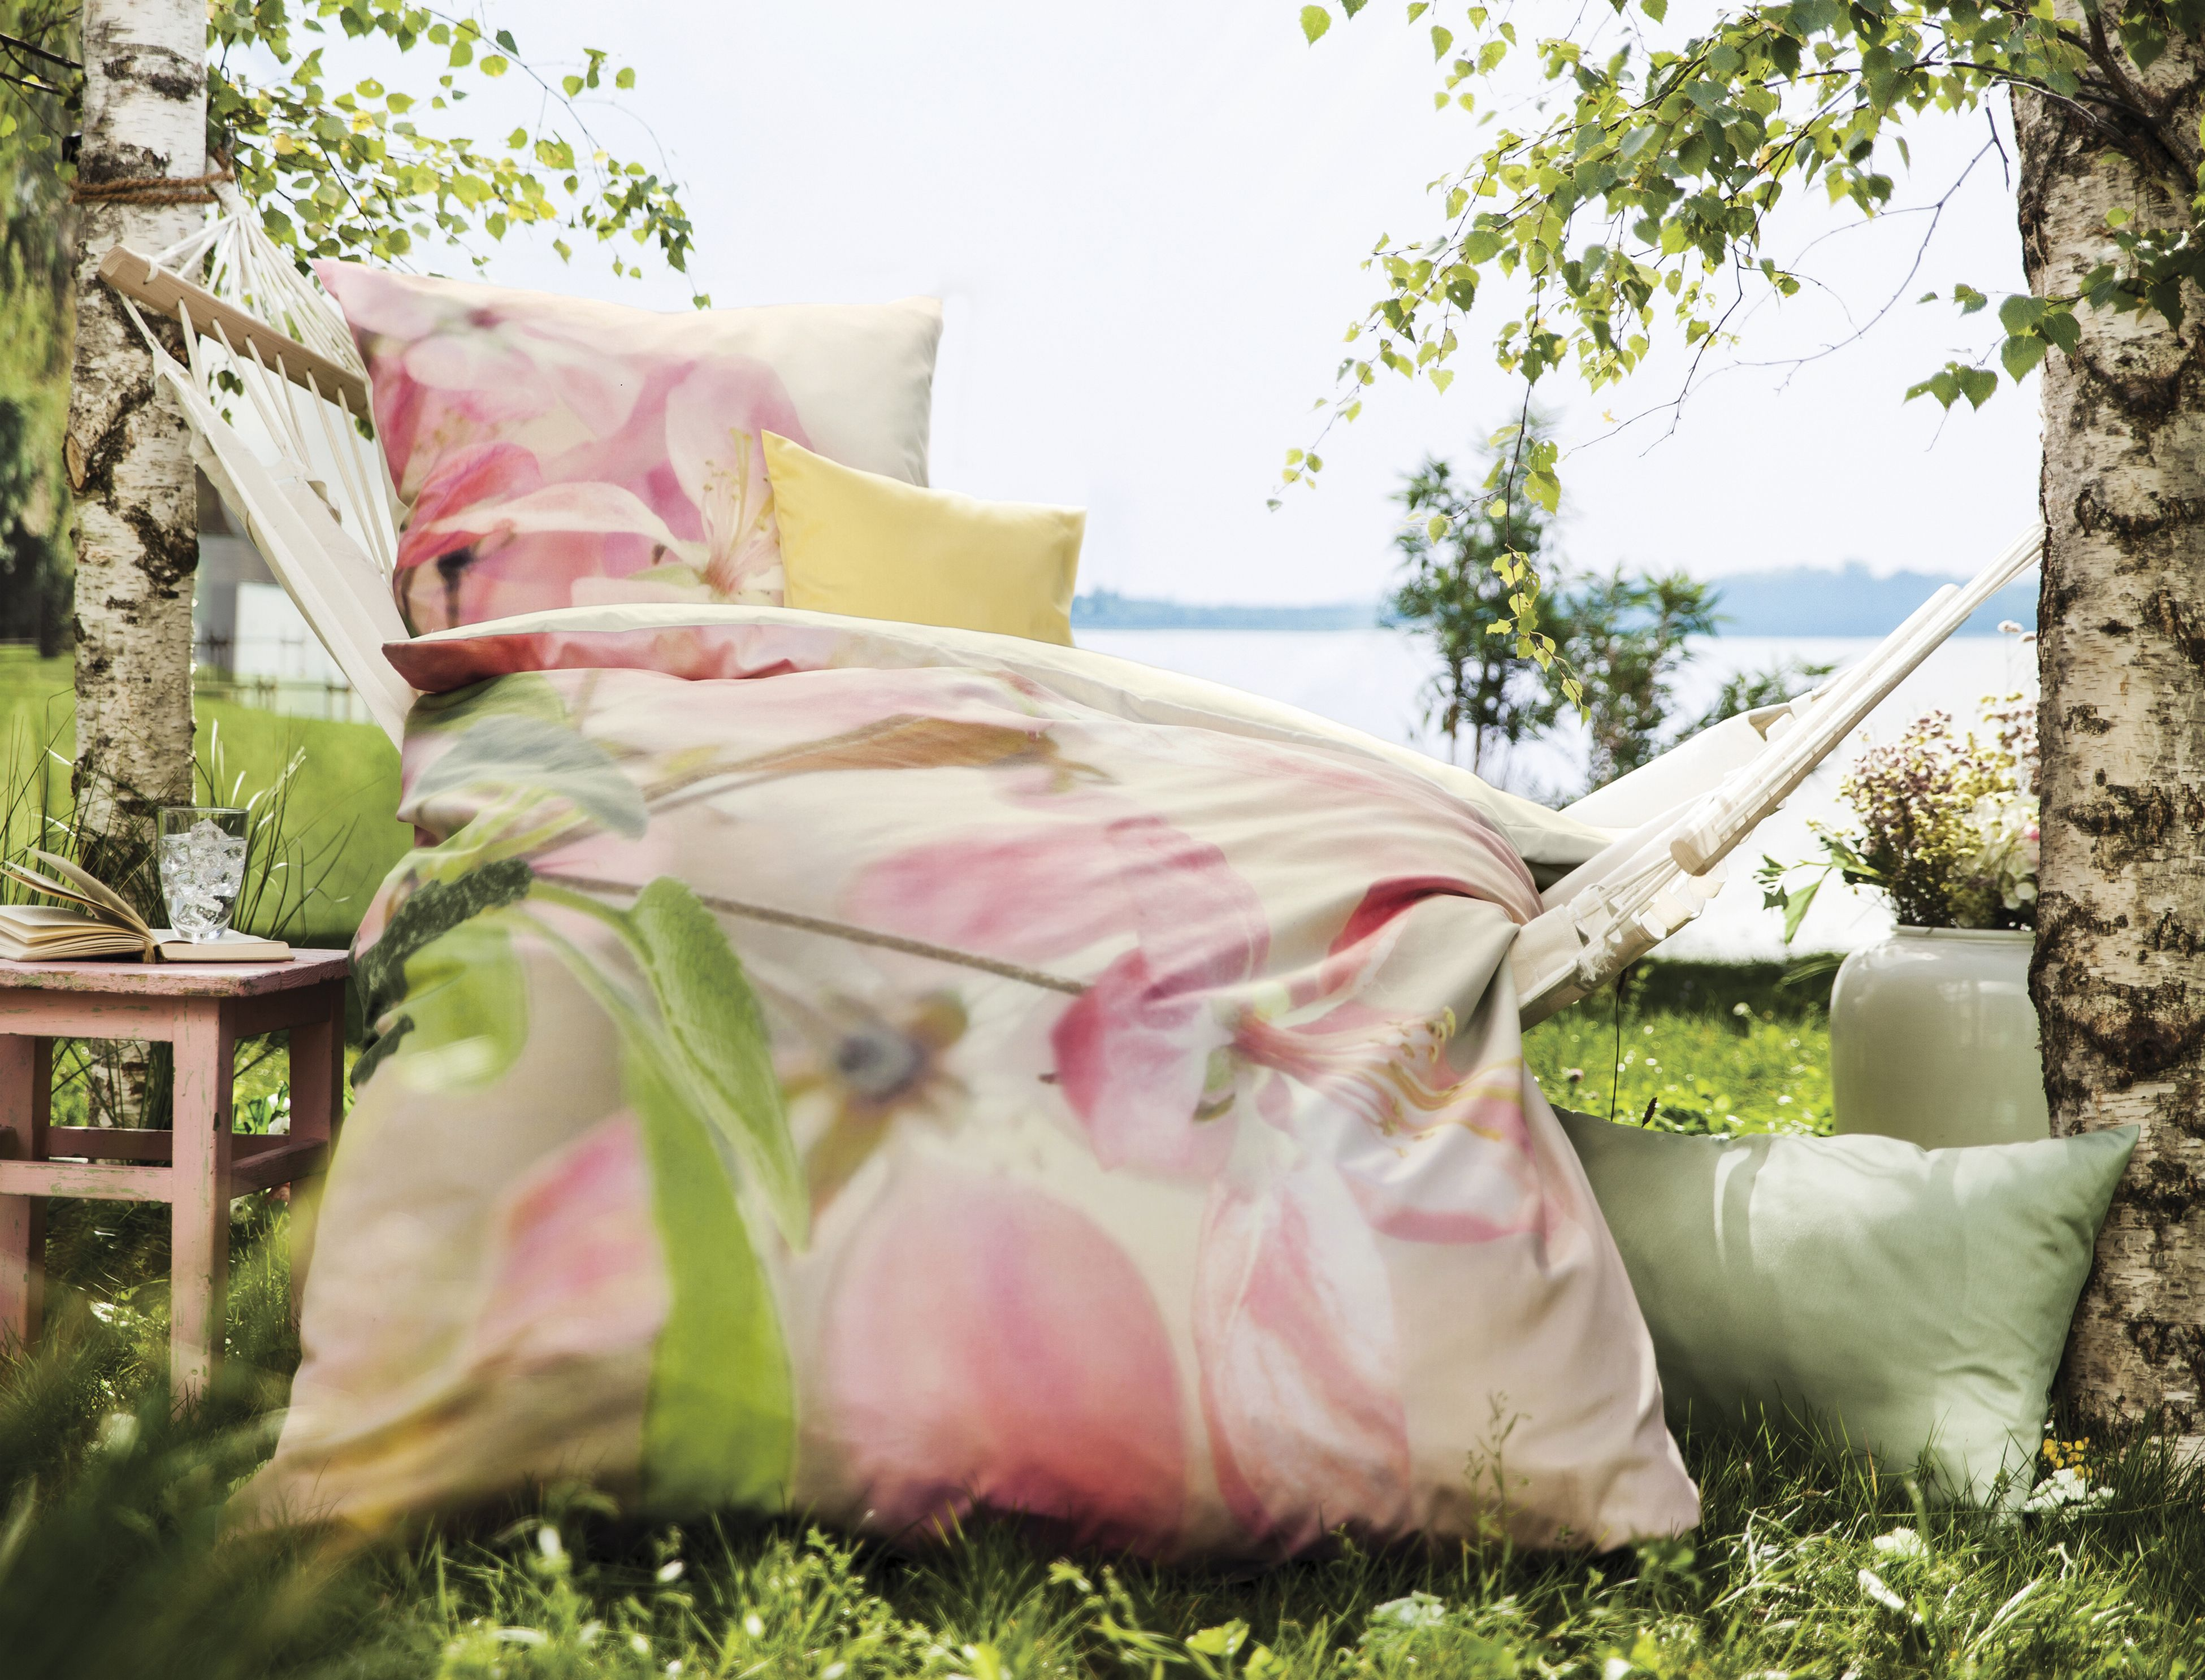 Aussergewohnlich Schone Bettwasche Kommt Aus Der Reihe Bed Art Von